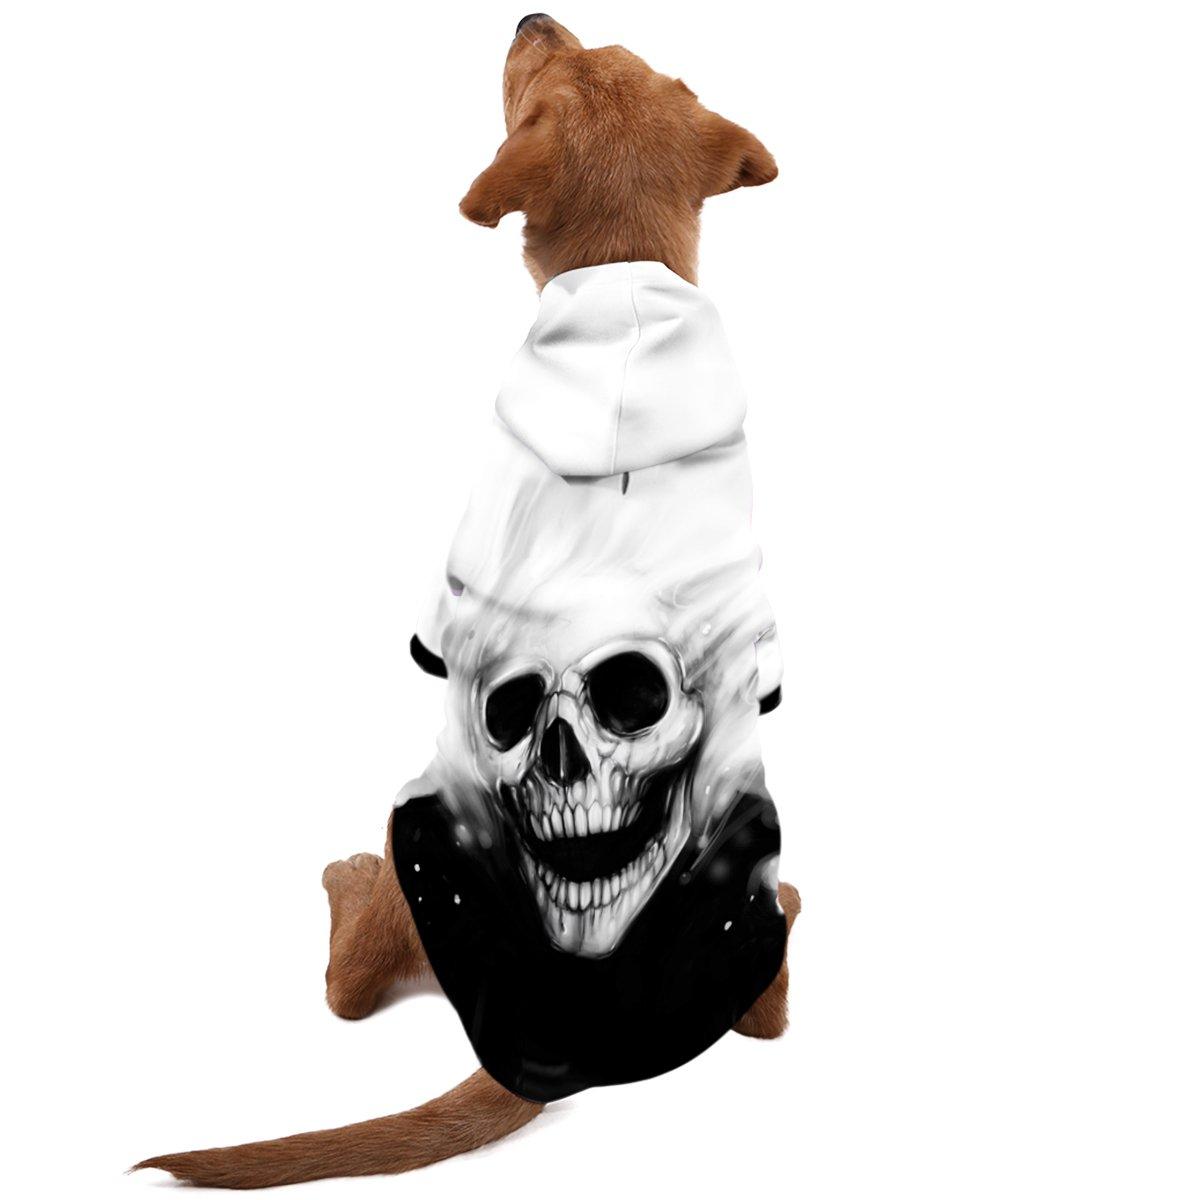 OHANA 3D drei Dimensionen Hunde Kapuzenpullover Pullover Jacke warm Kleider für klein mittel groß Haustier Katzen schwarz weiß Schädel skull